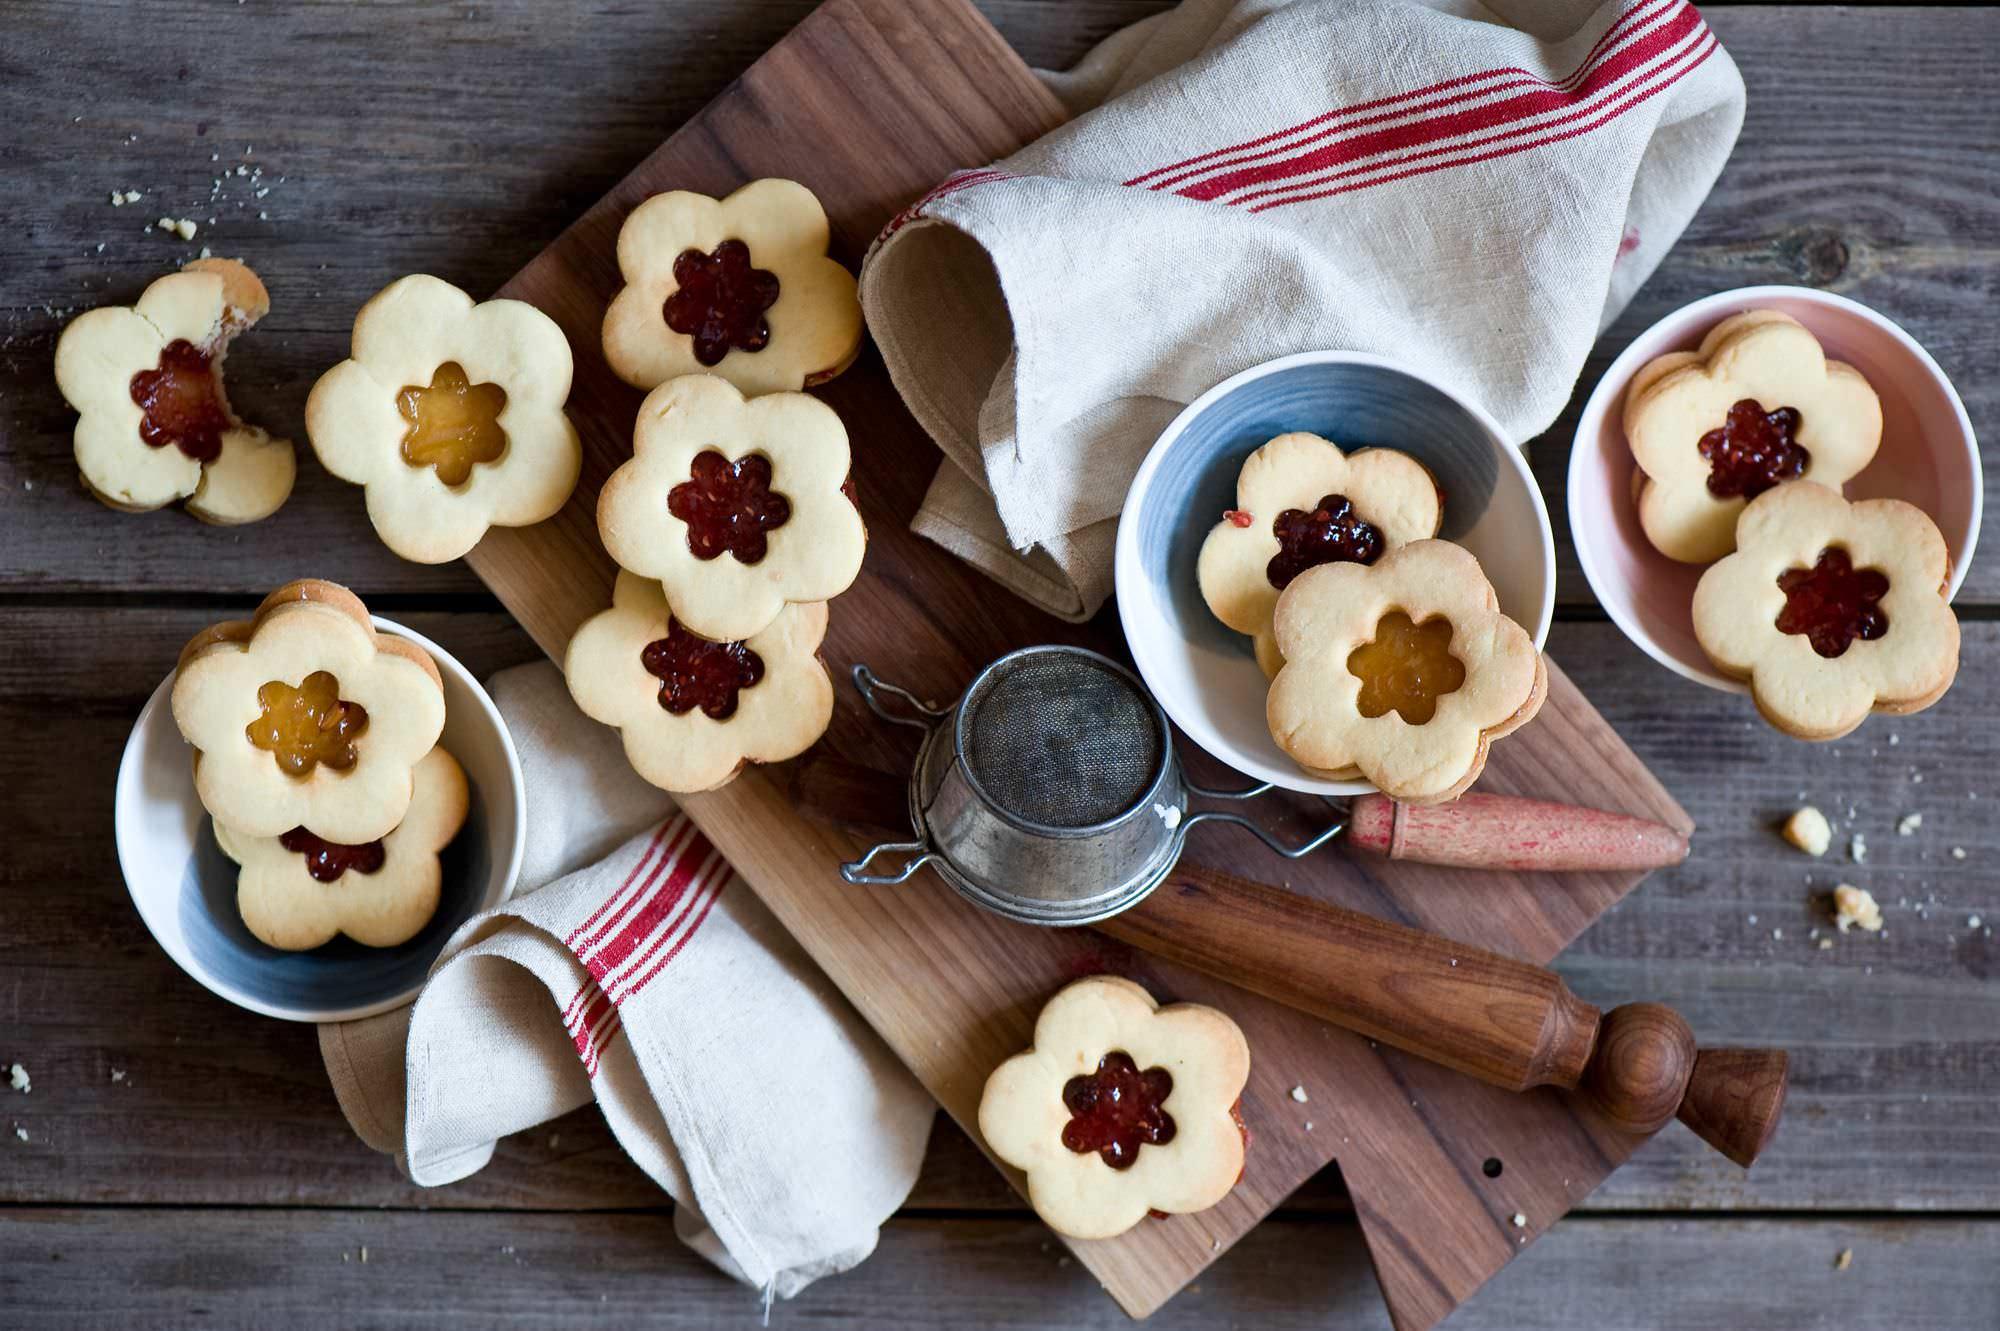 Печенье может любой красивой формы, с любым съедобным украшением